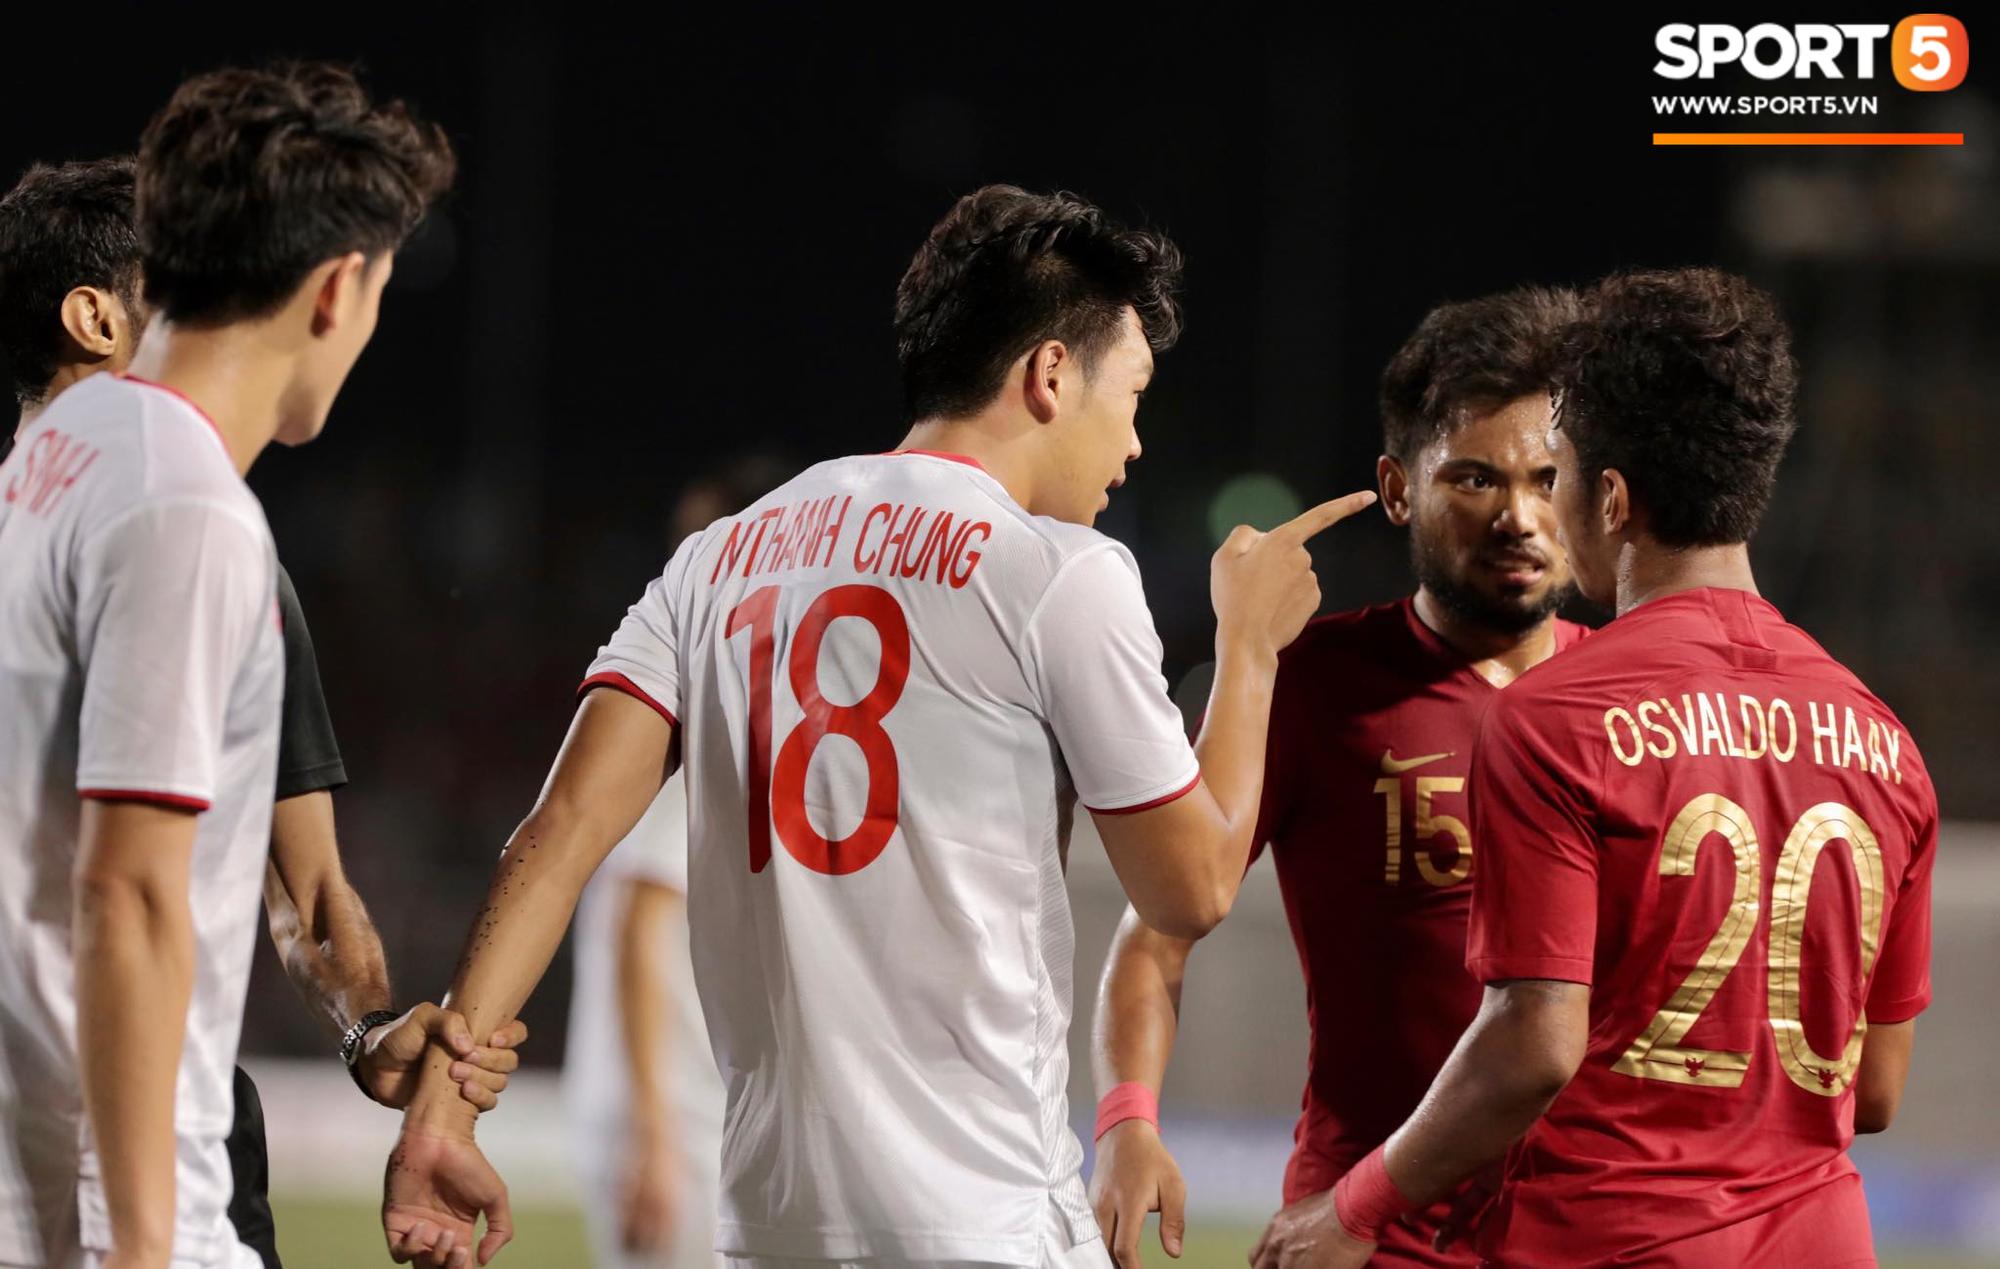 Cãi cùn với trọng tài, trai hư của Indonesia bị Thành Chung cho tắt điện - Ảnh 5.